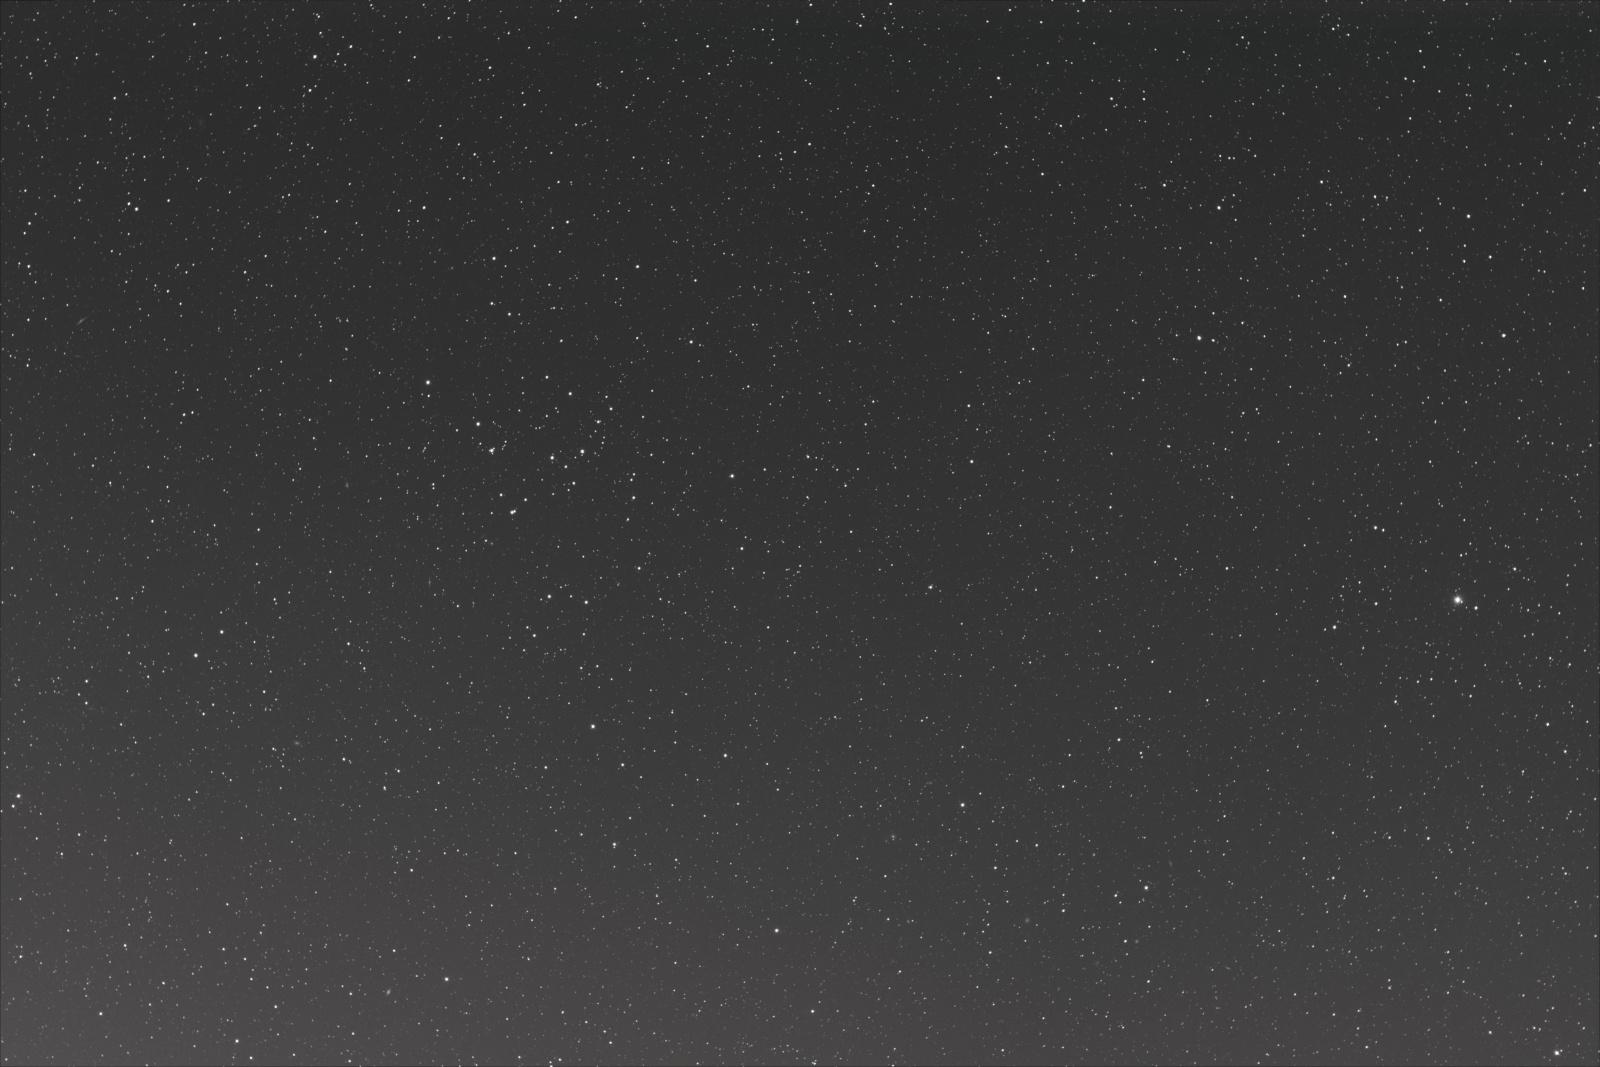 Warkocz Bereniki gromada gwiazd.jpg